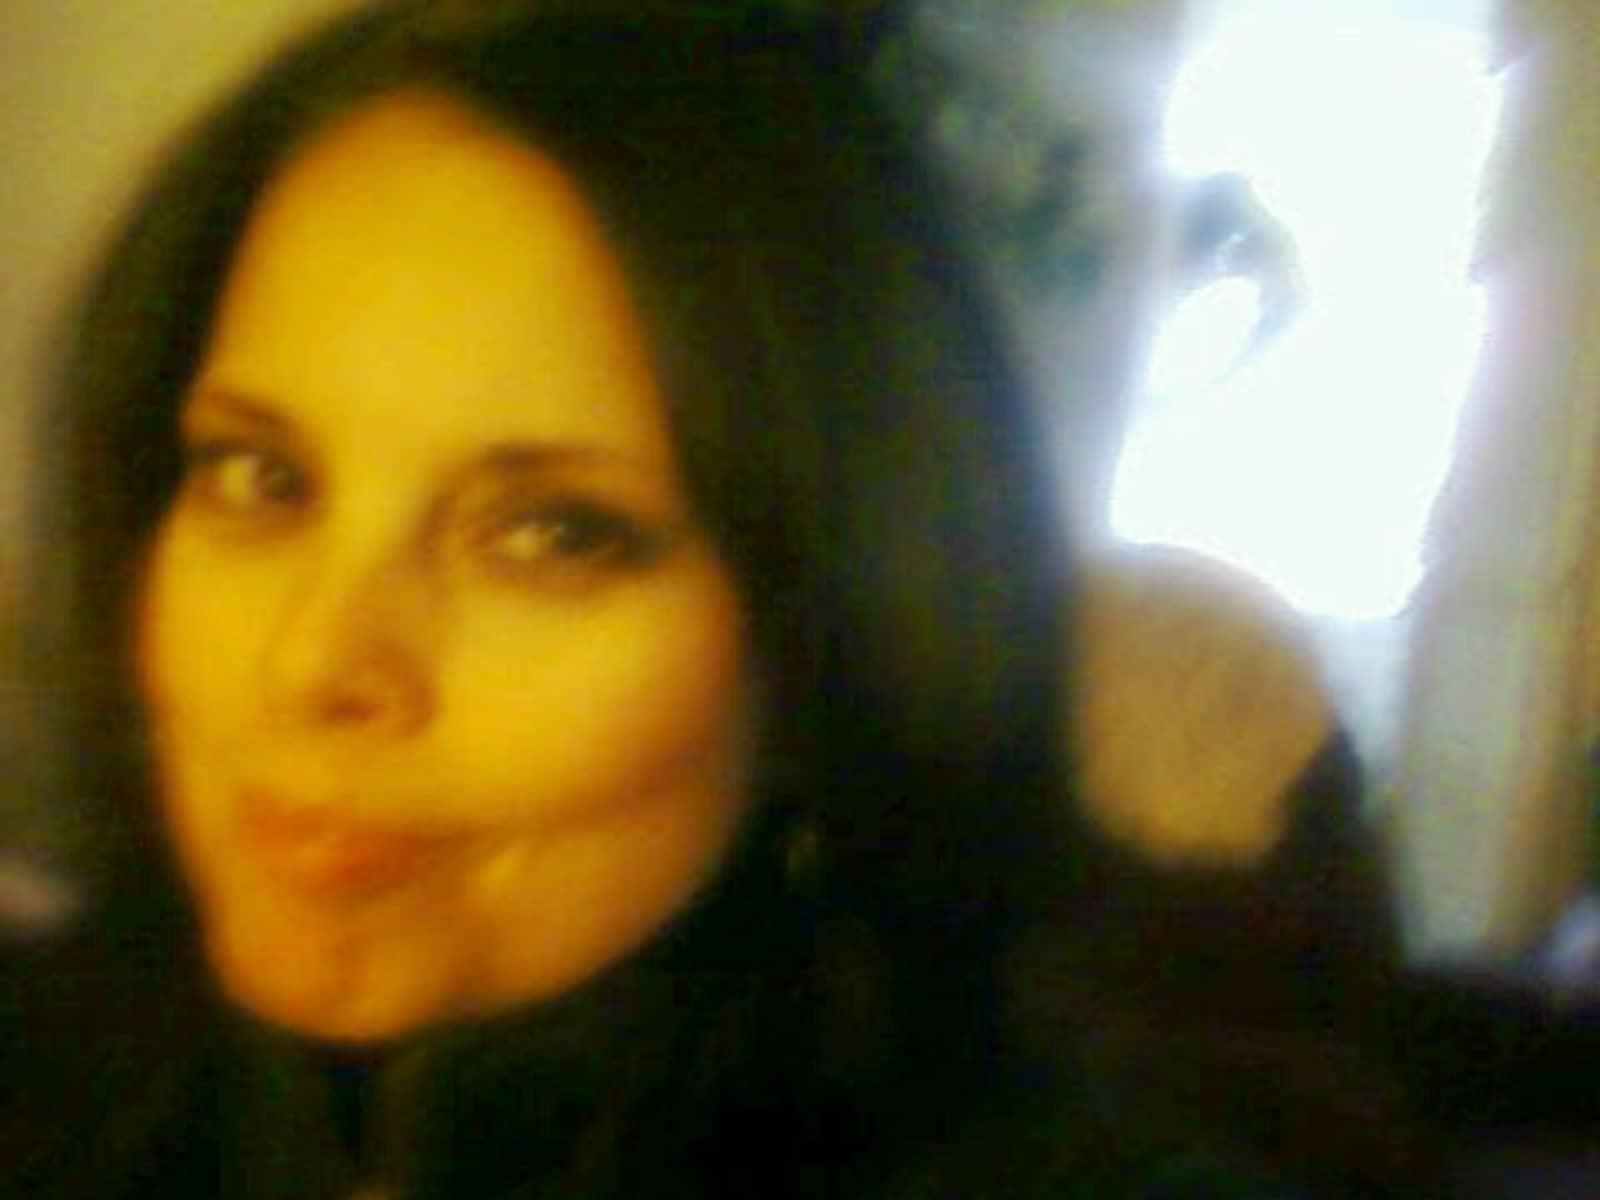 Rebecca c from Modesto, California, United States